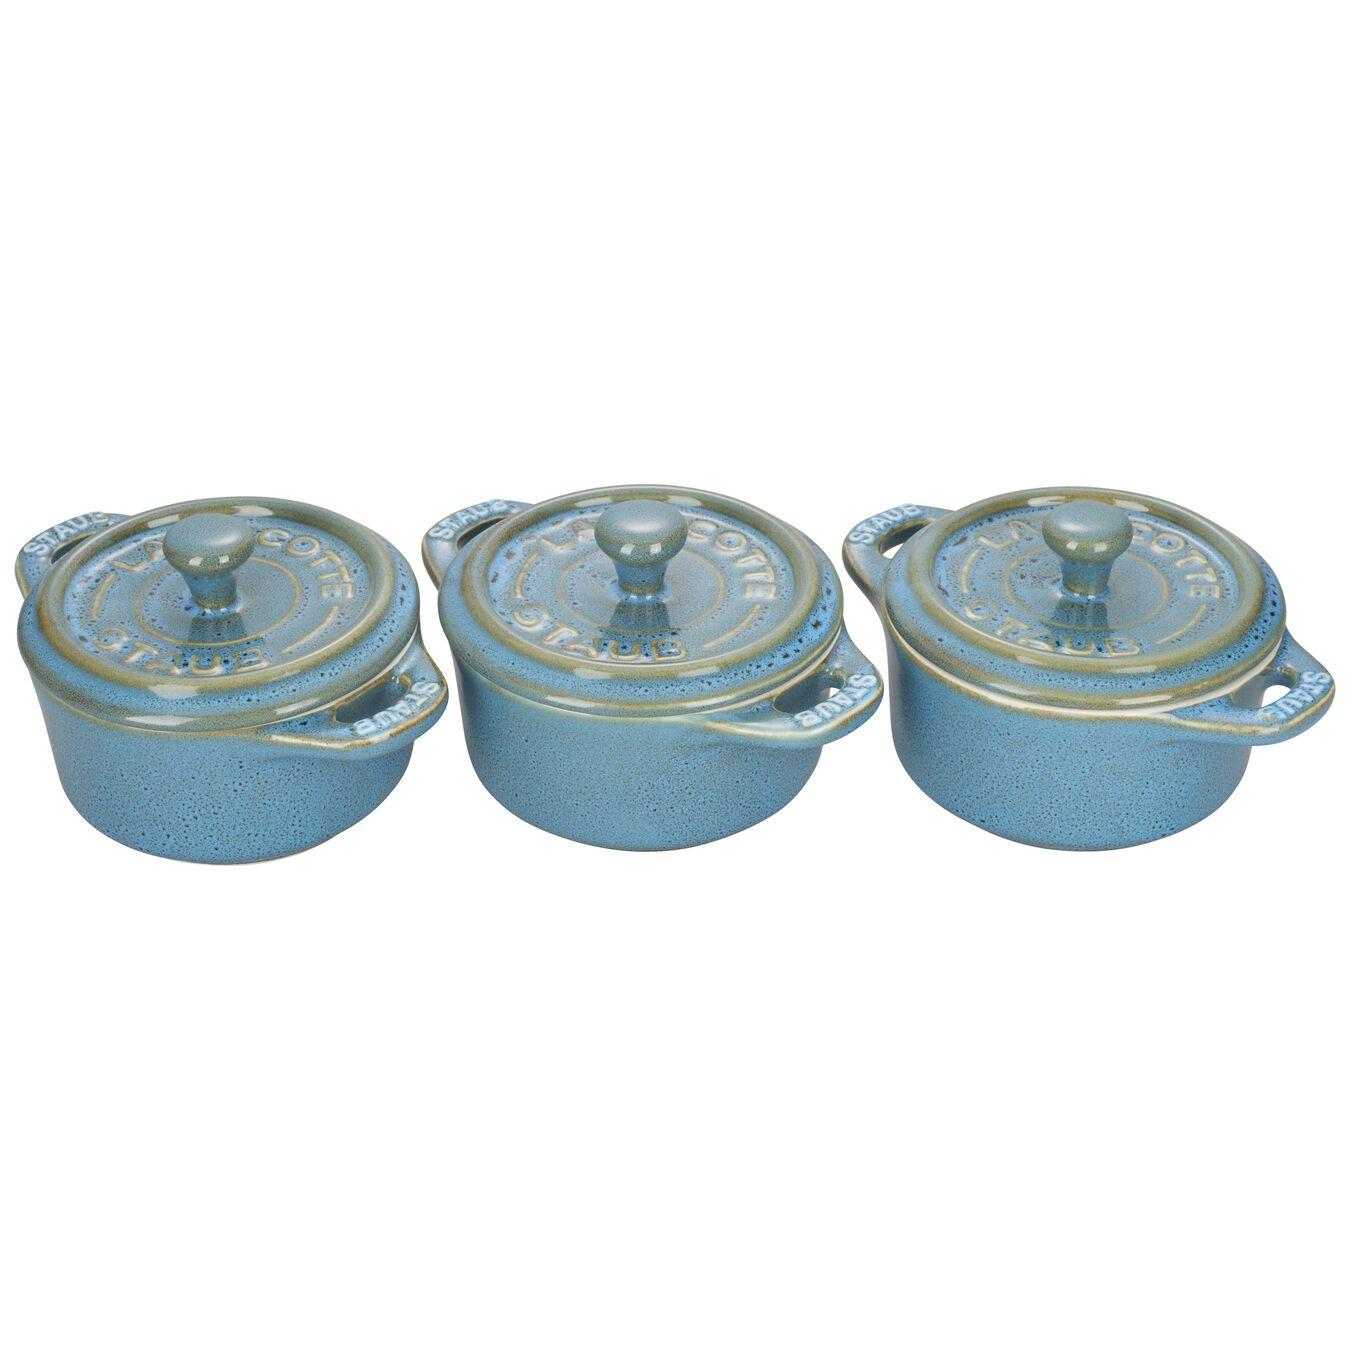 3 Piece Ceramic Cocotte set, ancient-turquoise,,large 4